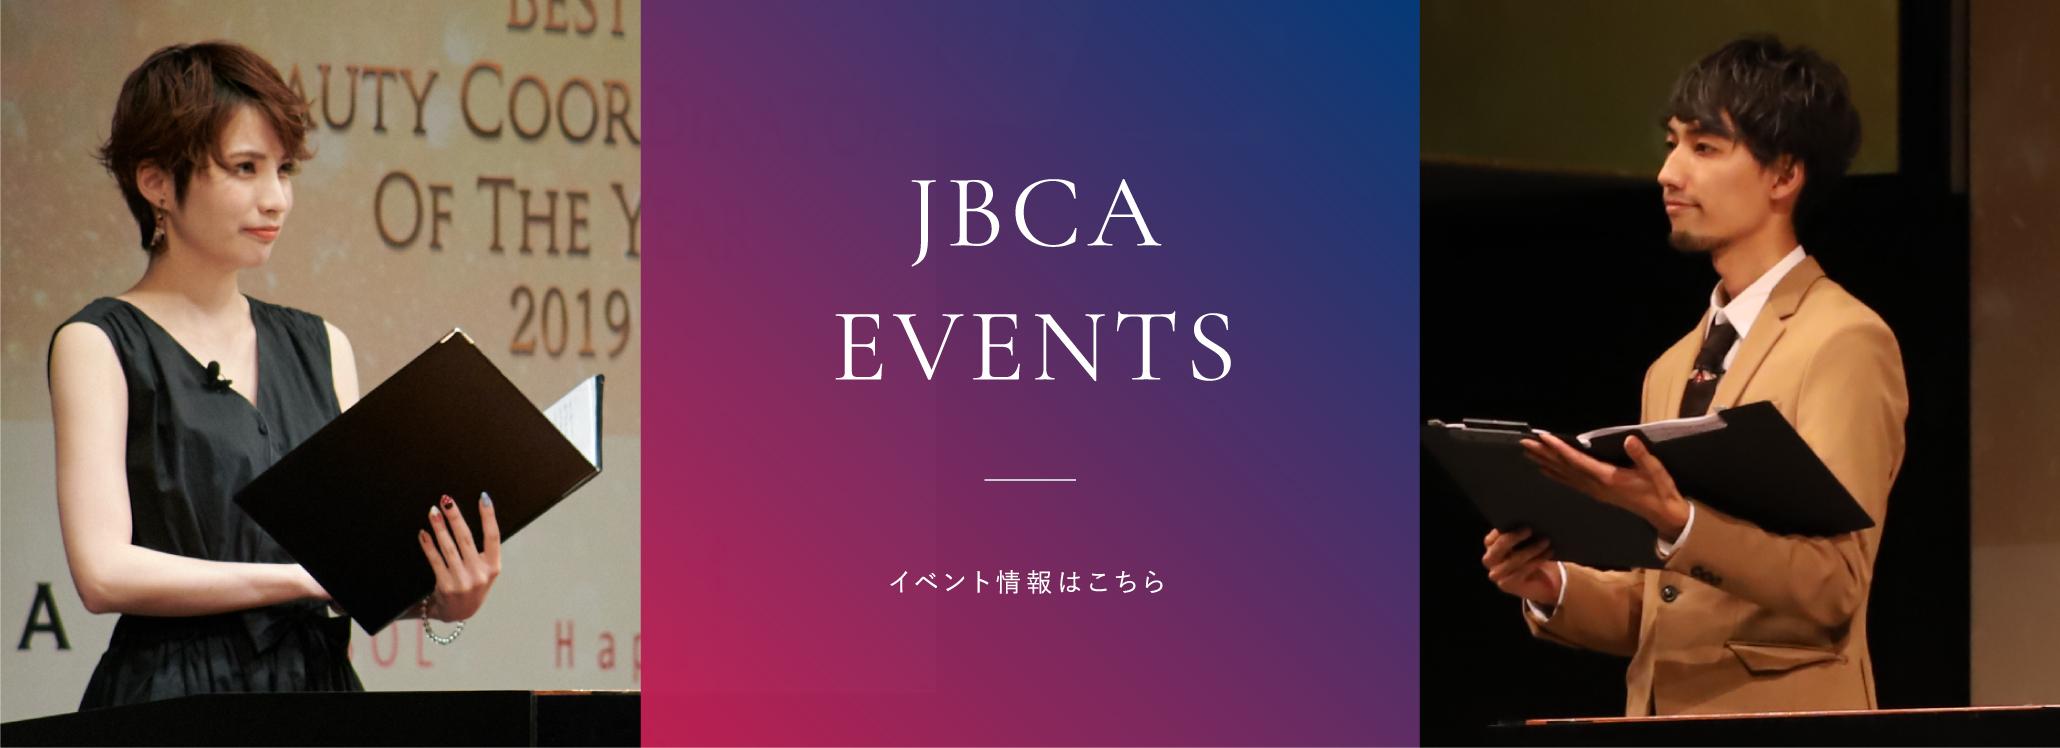 JBCA EVENTS